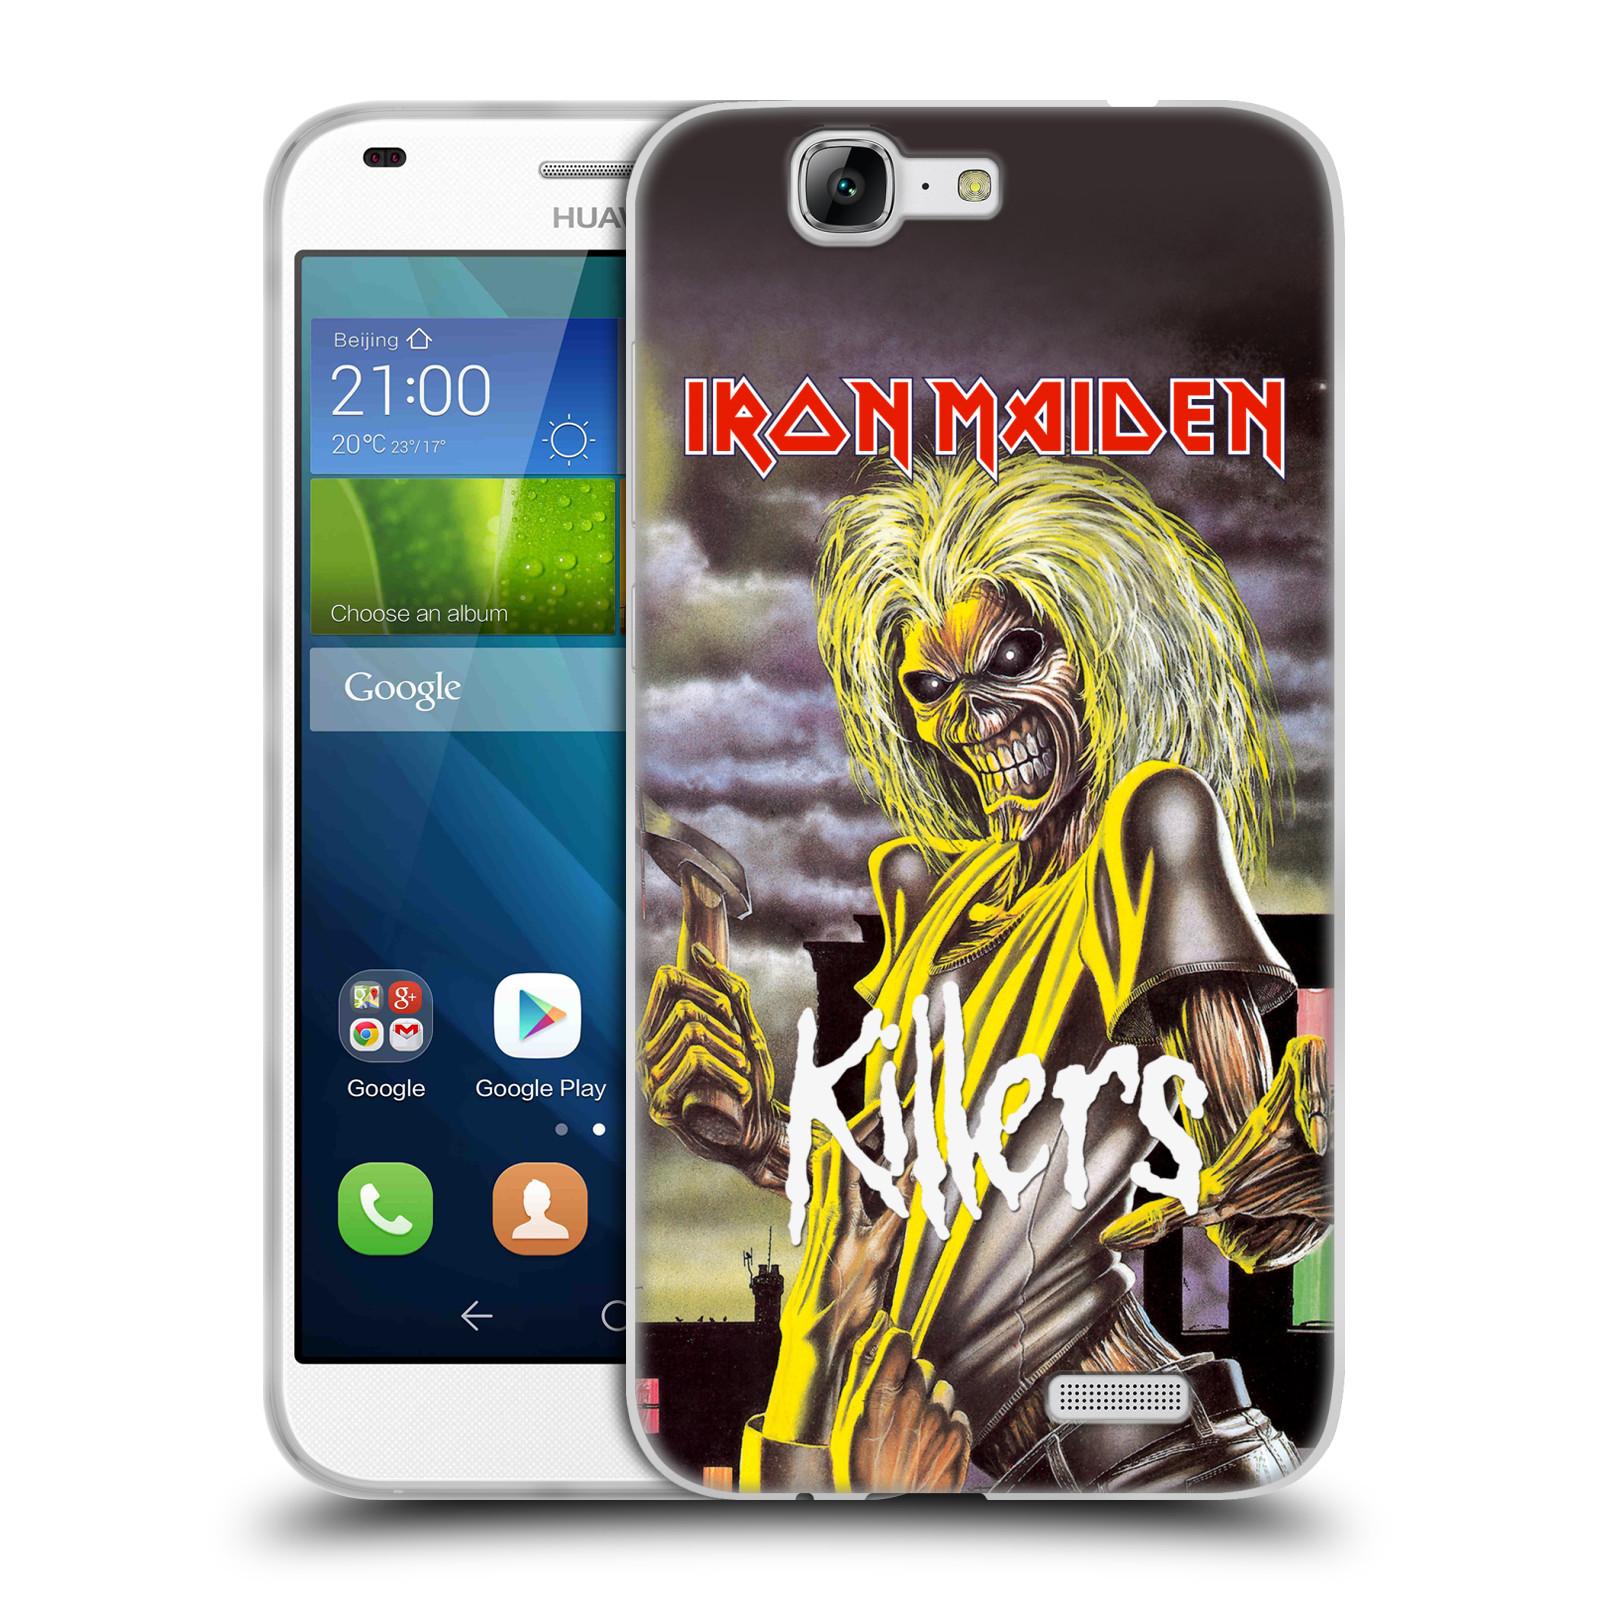 Silikonové pouzdro na mobil Huawei Ascend G7 HEAD CASE - Iron Maiden - Killers (Silikonový kryt či obal na mobilní telefon s licencovaným motivem Iron Maiden Huawei Ascend G7)